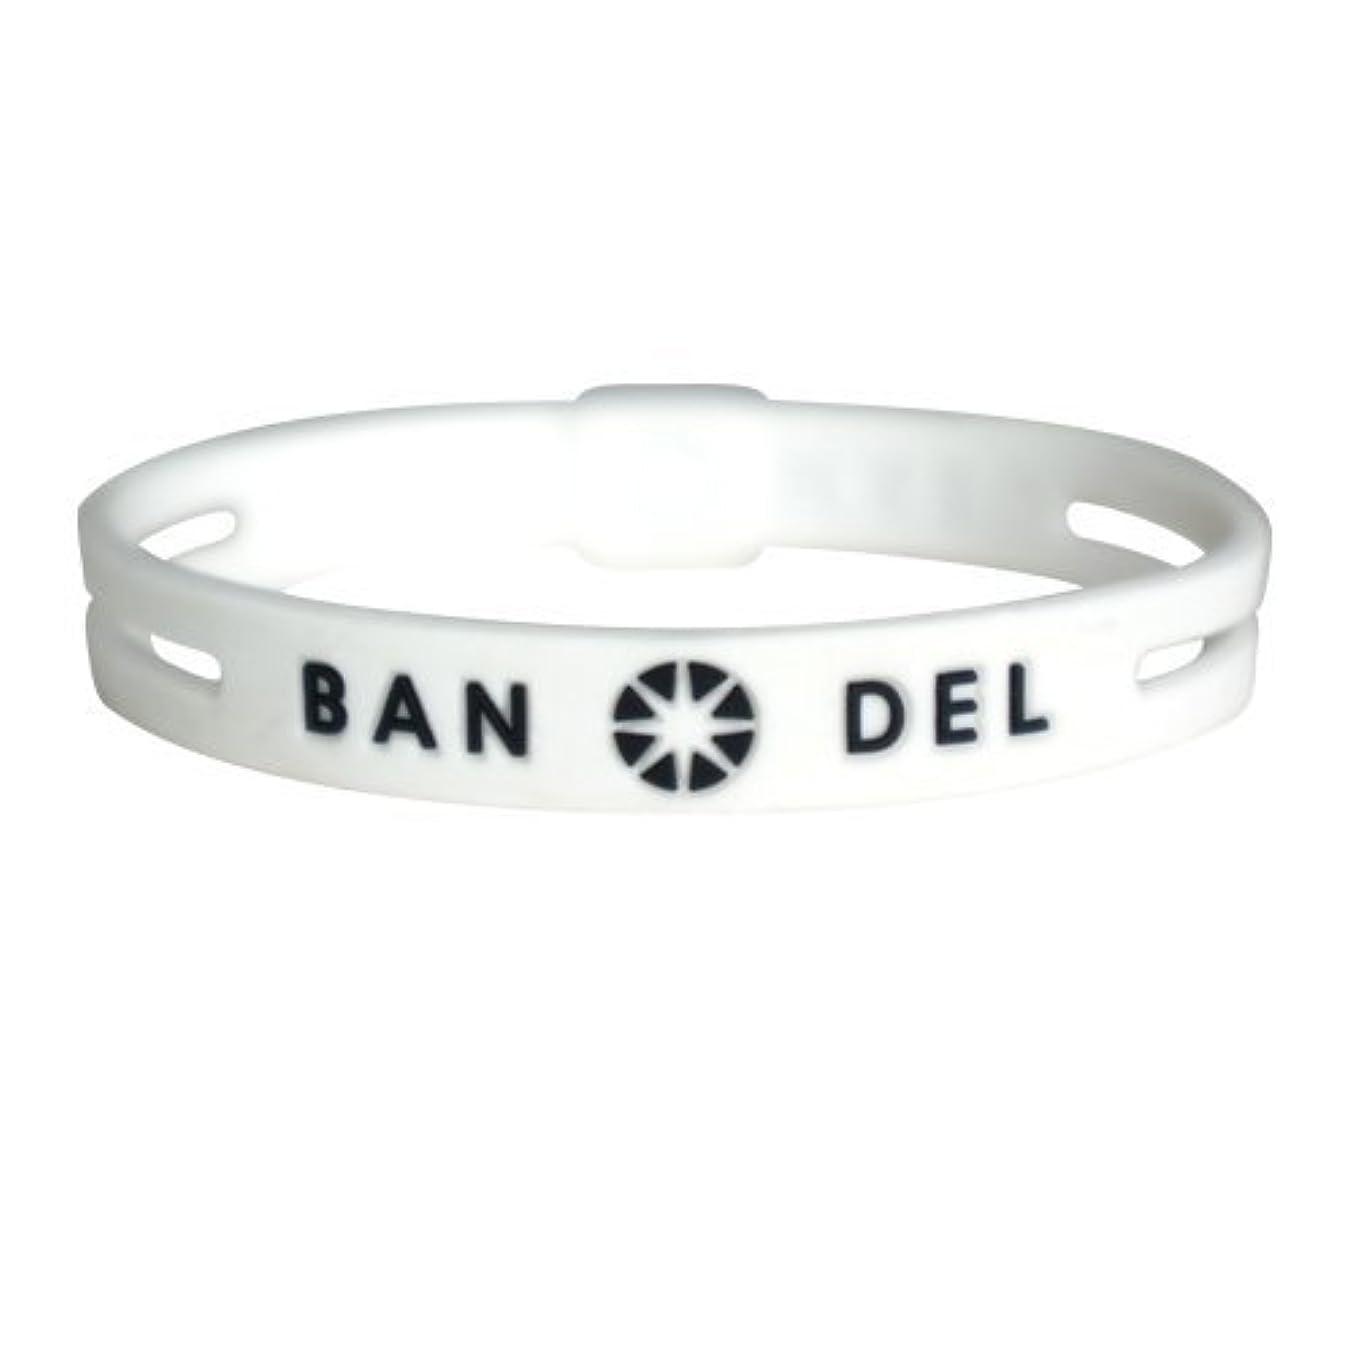 どこでもマーチャンダイジングハンカチバンデル(BANDEL)ストリング ブレスレット[ホワイト×ブラック]Lサイズ(19.0cm)/正規品 アクセサリー ブレス スリム